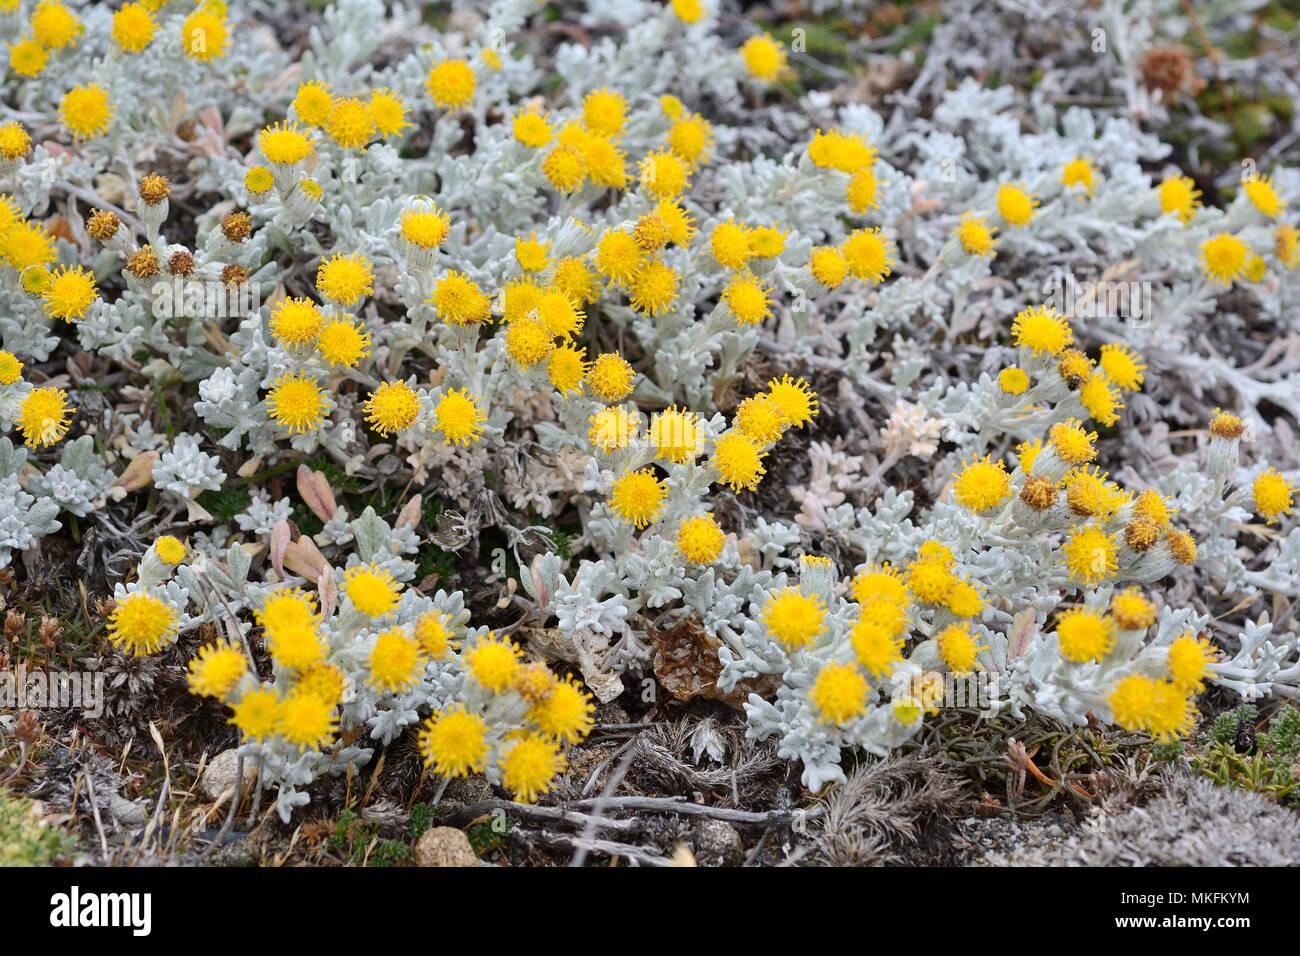 Senecio patagónico (Senecio patagonicus), Asteraceae, Reserva natural de Seno Otway, alrededor de Punta Arenas, XII Región de Magallanes y Antártica Chilena Imagen De Stock